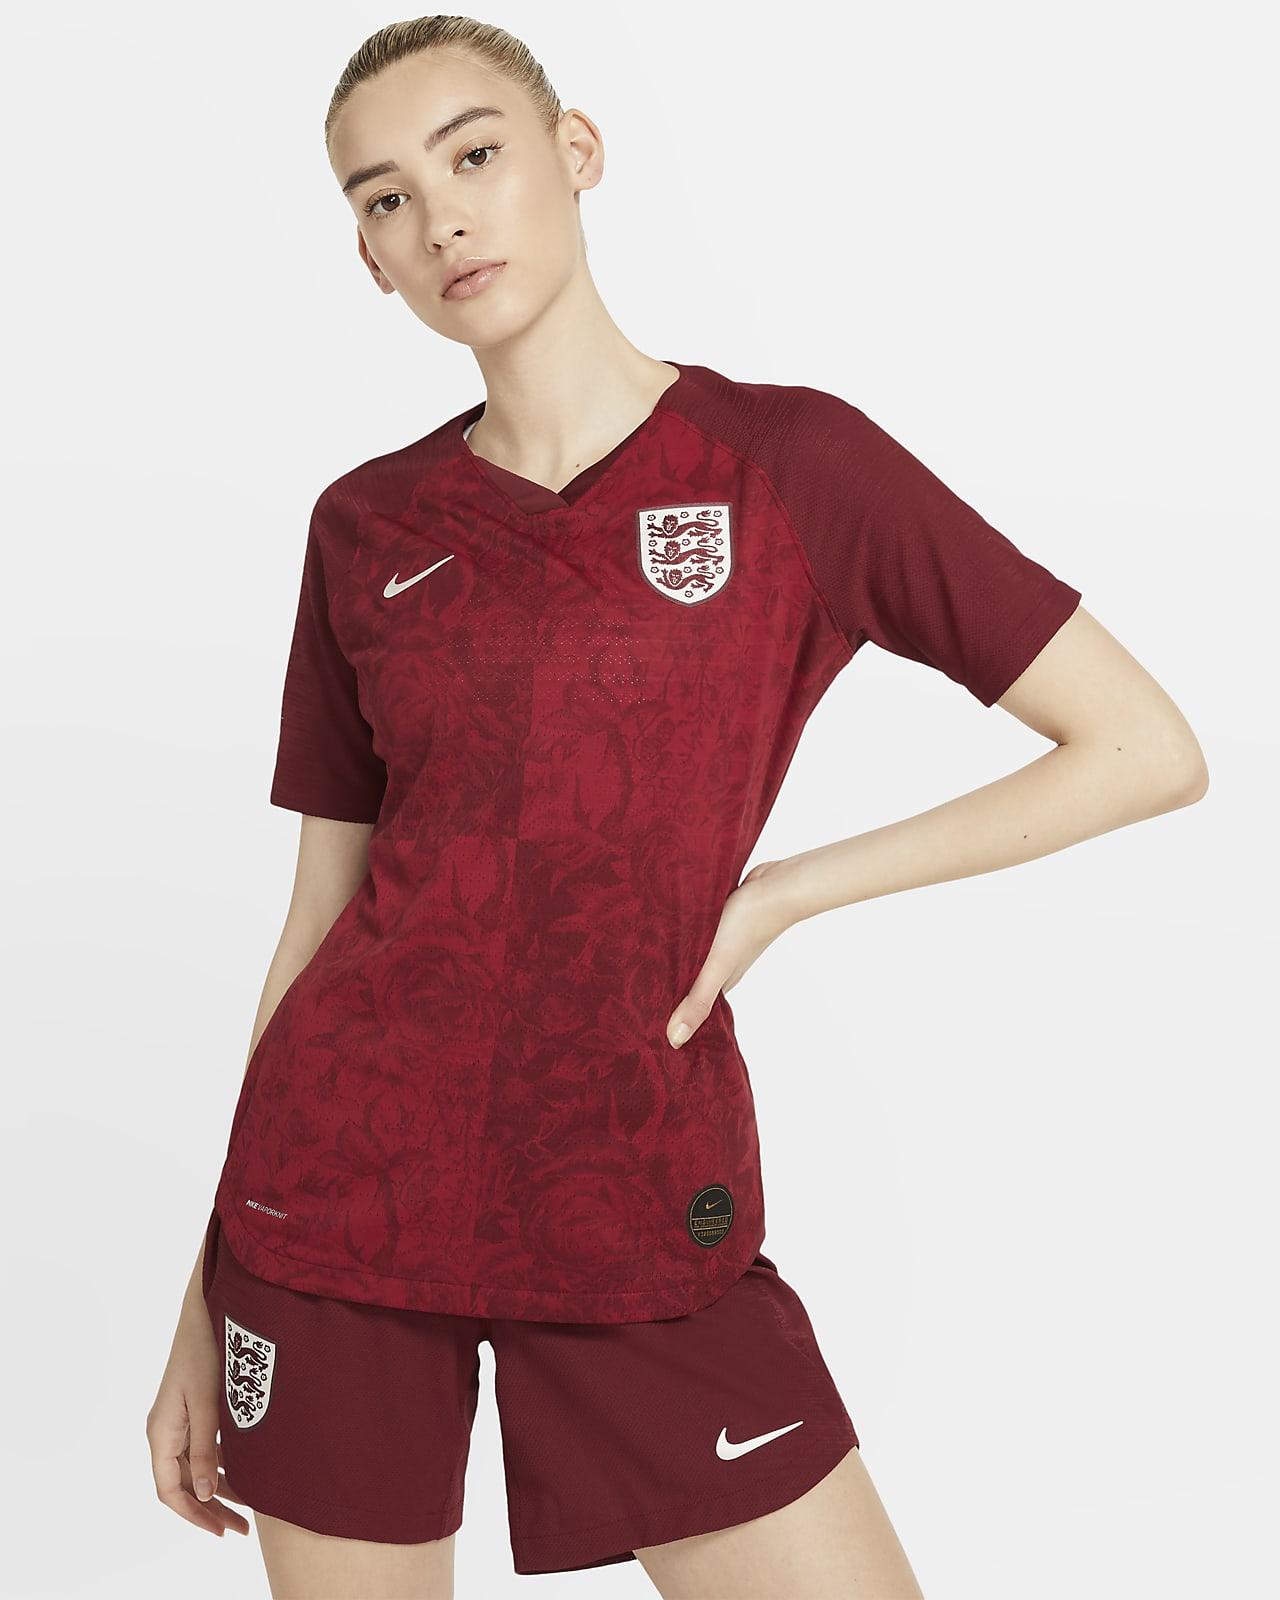 England 2019 Vapor Match Away Women's Football Shirt